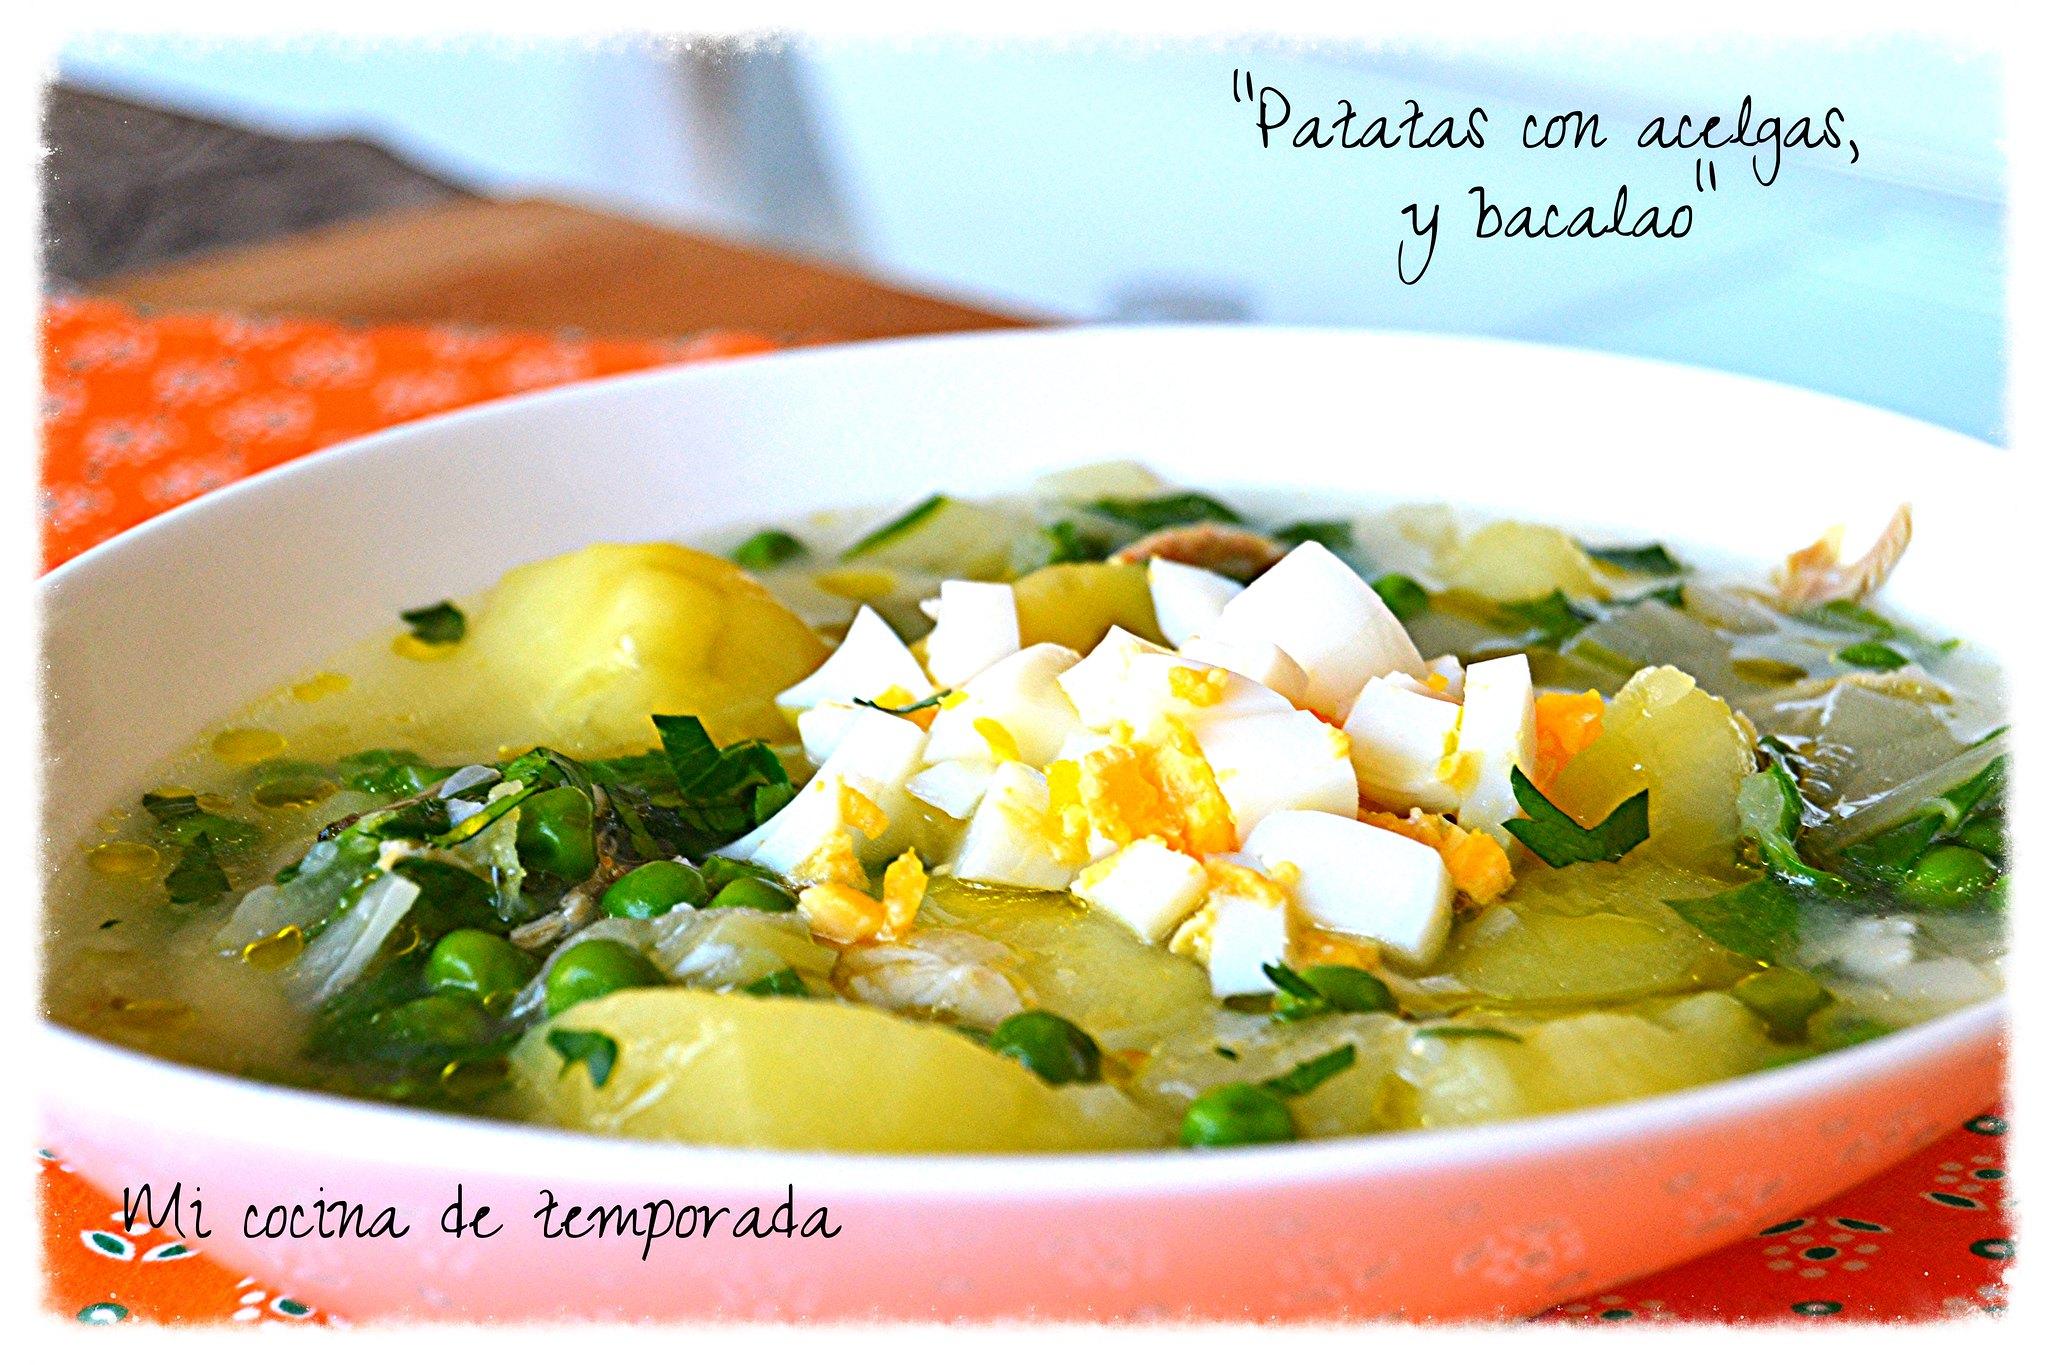 Patatas con acelgas 024